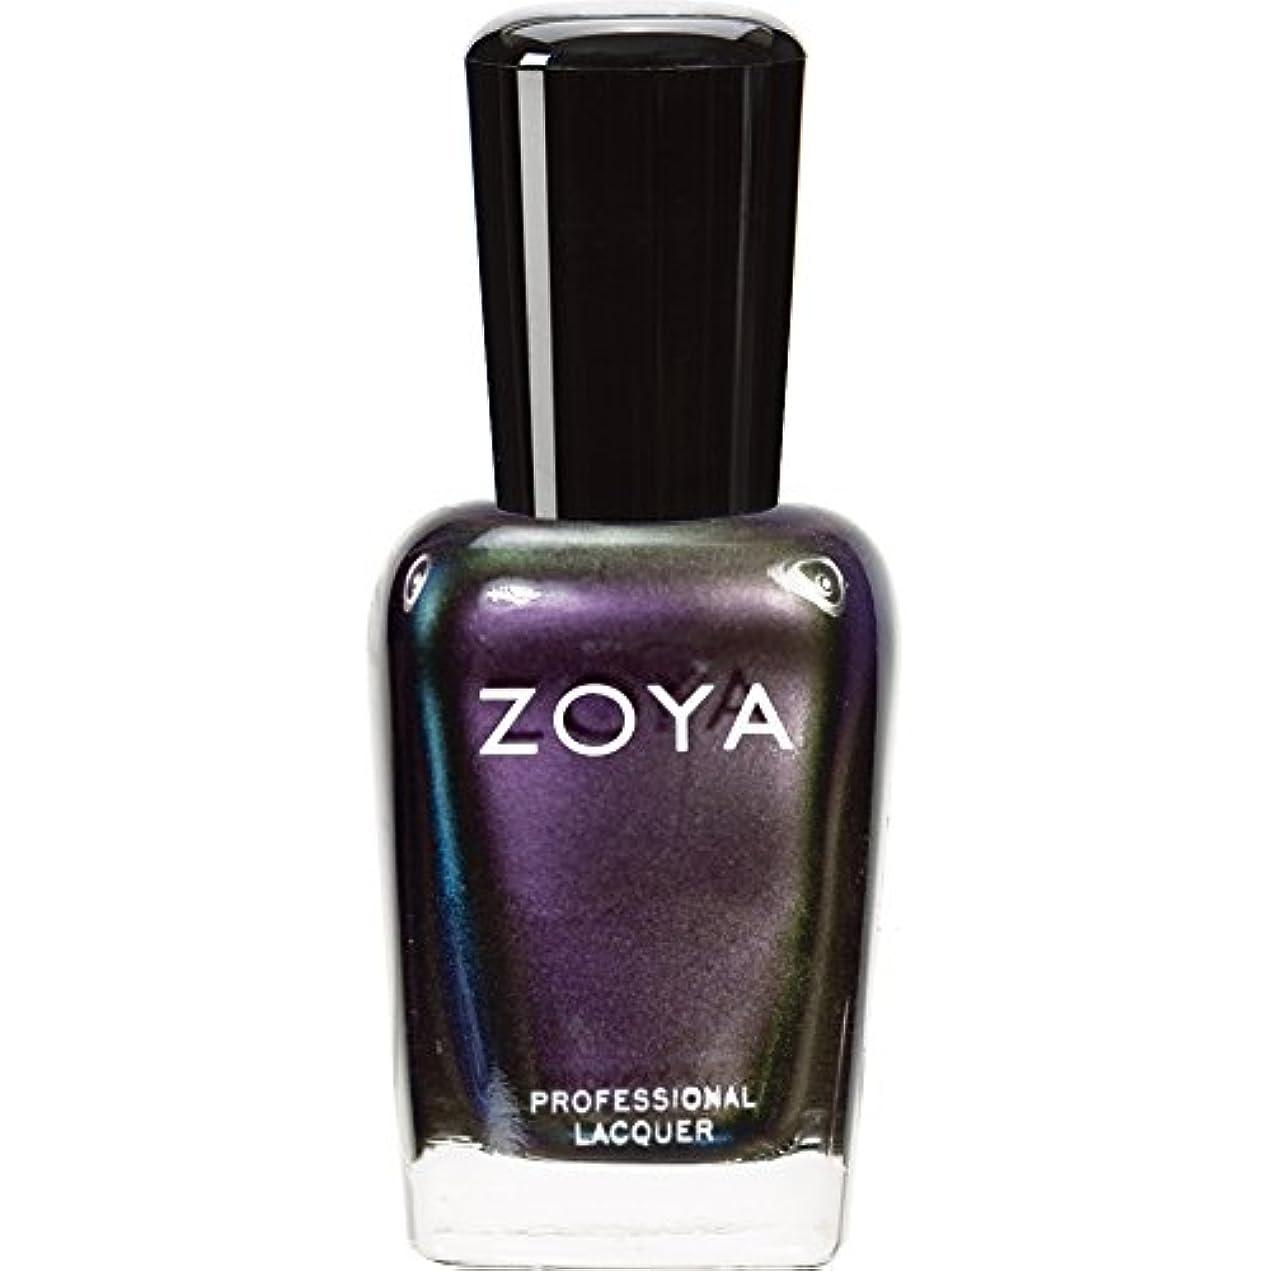 わずかな切断する中級ZOYA ゾーヤ ネイルカラー ZP283 KI キ 15ml 銀、青、緑に光る神秘的なパープル パール/メタリック 爪にやさしいネイルラッカーポリッシュ